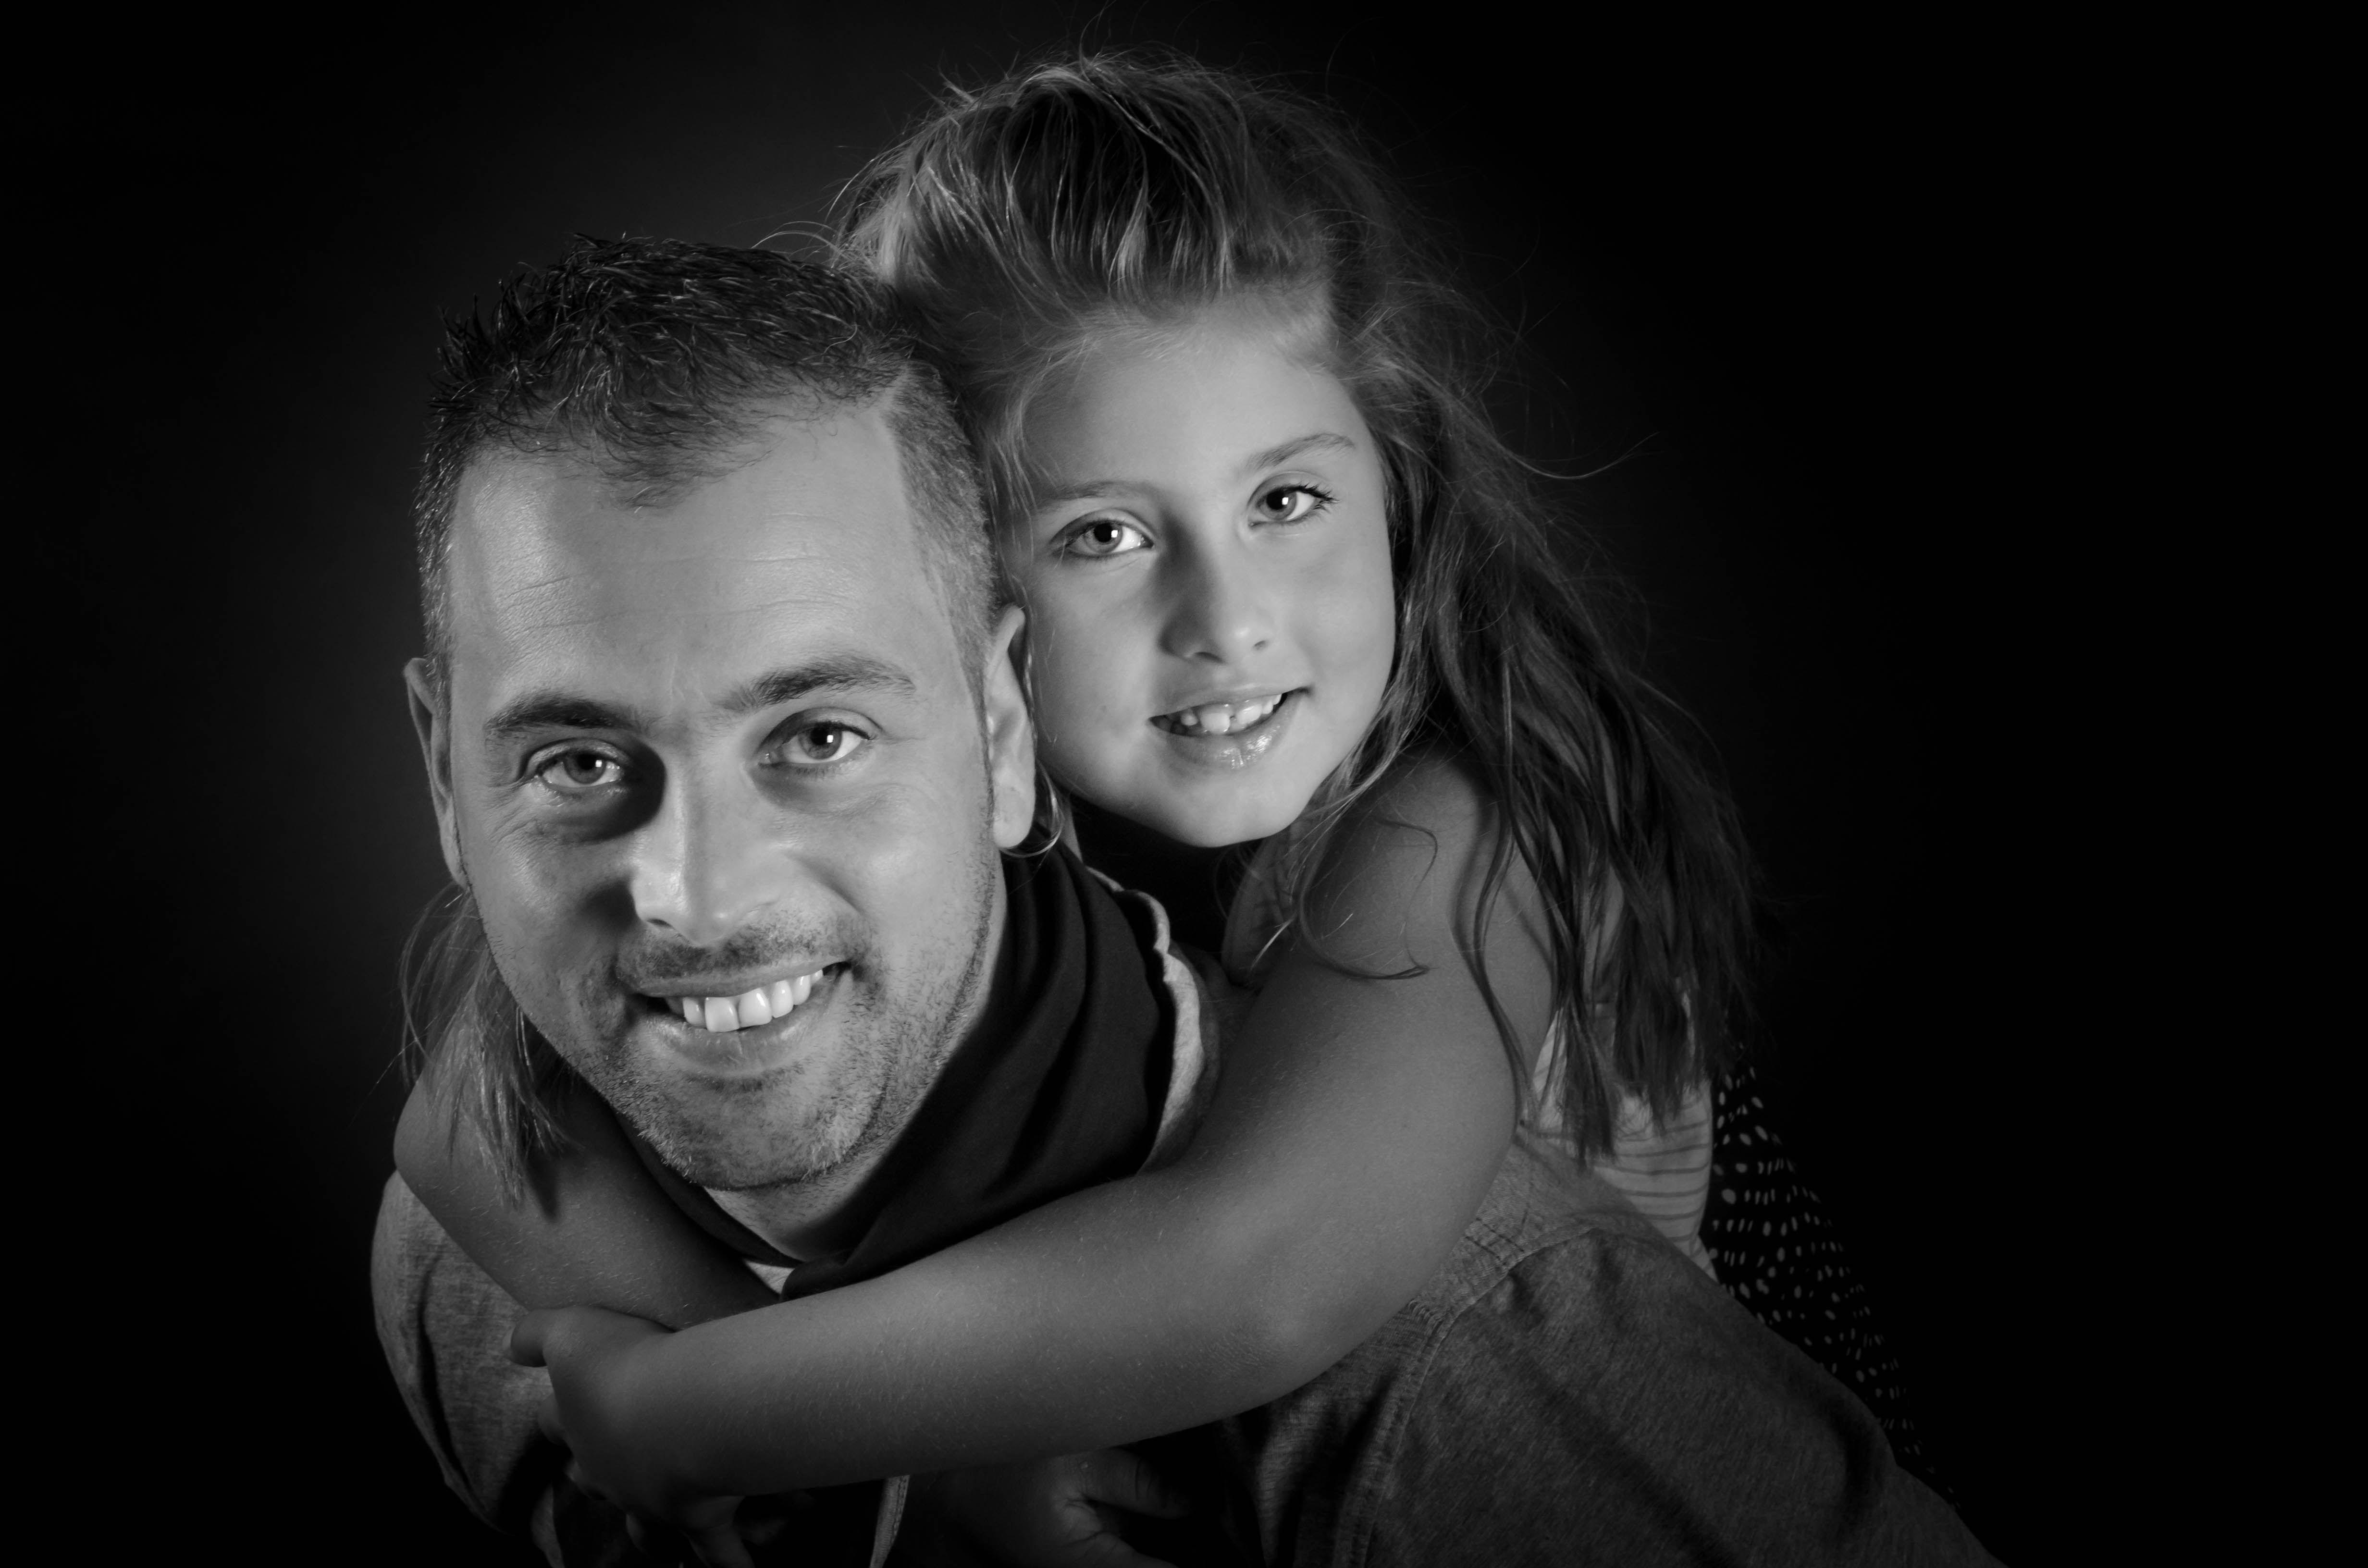 Pap met zijn dochter